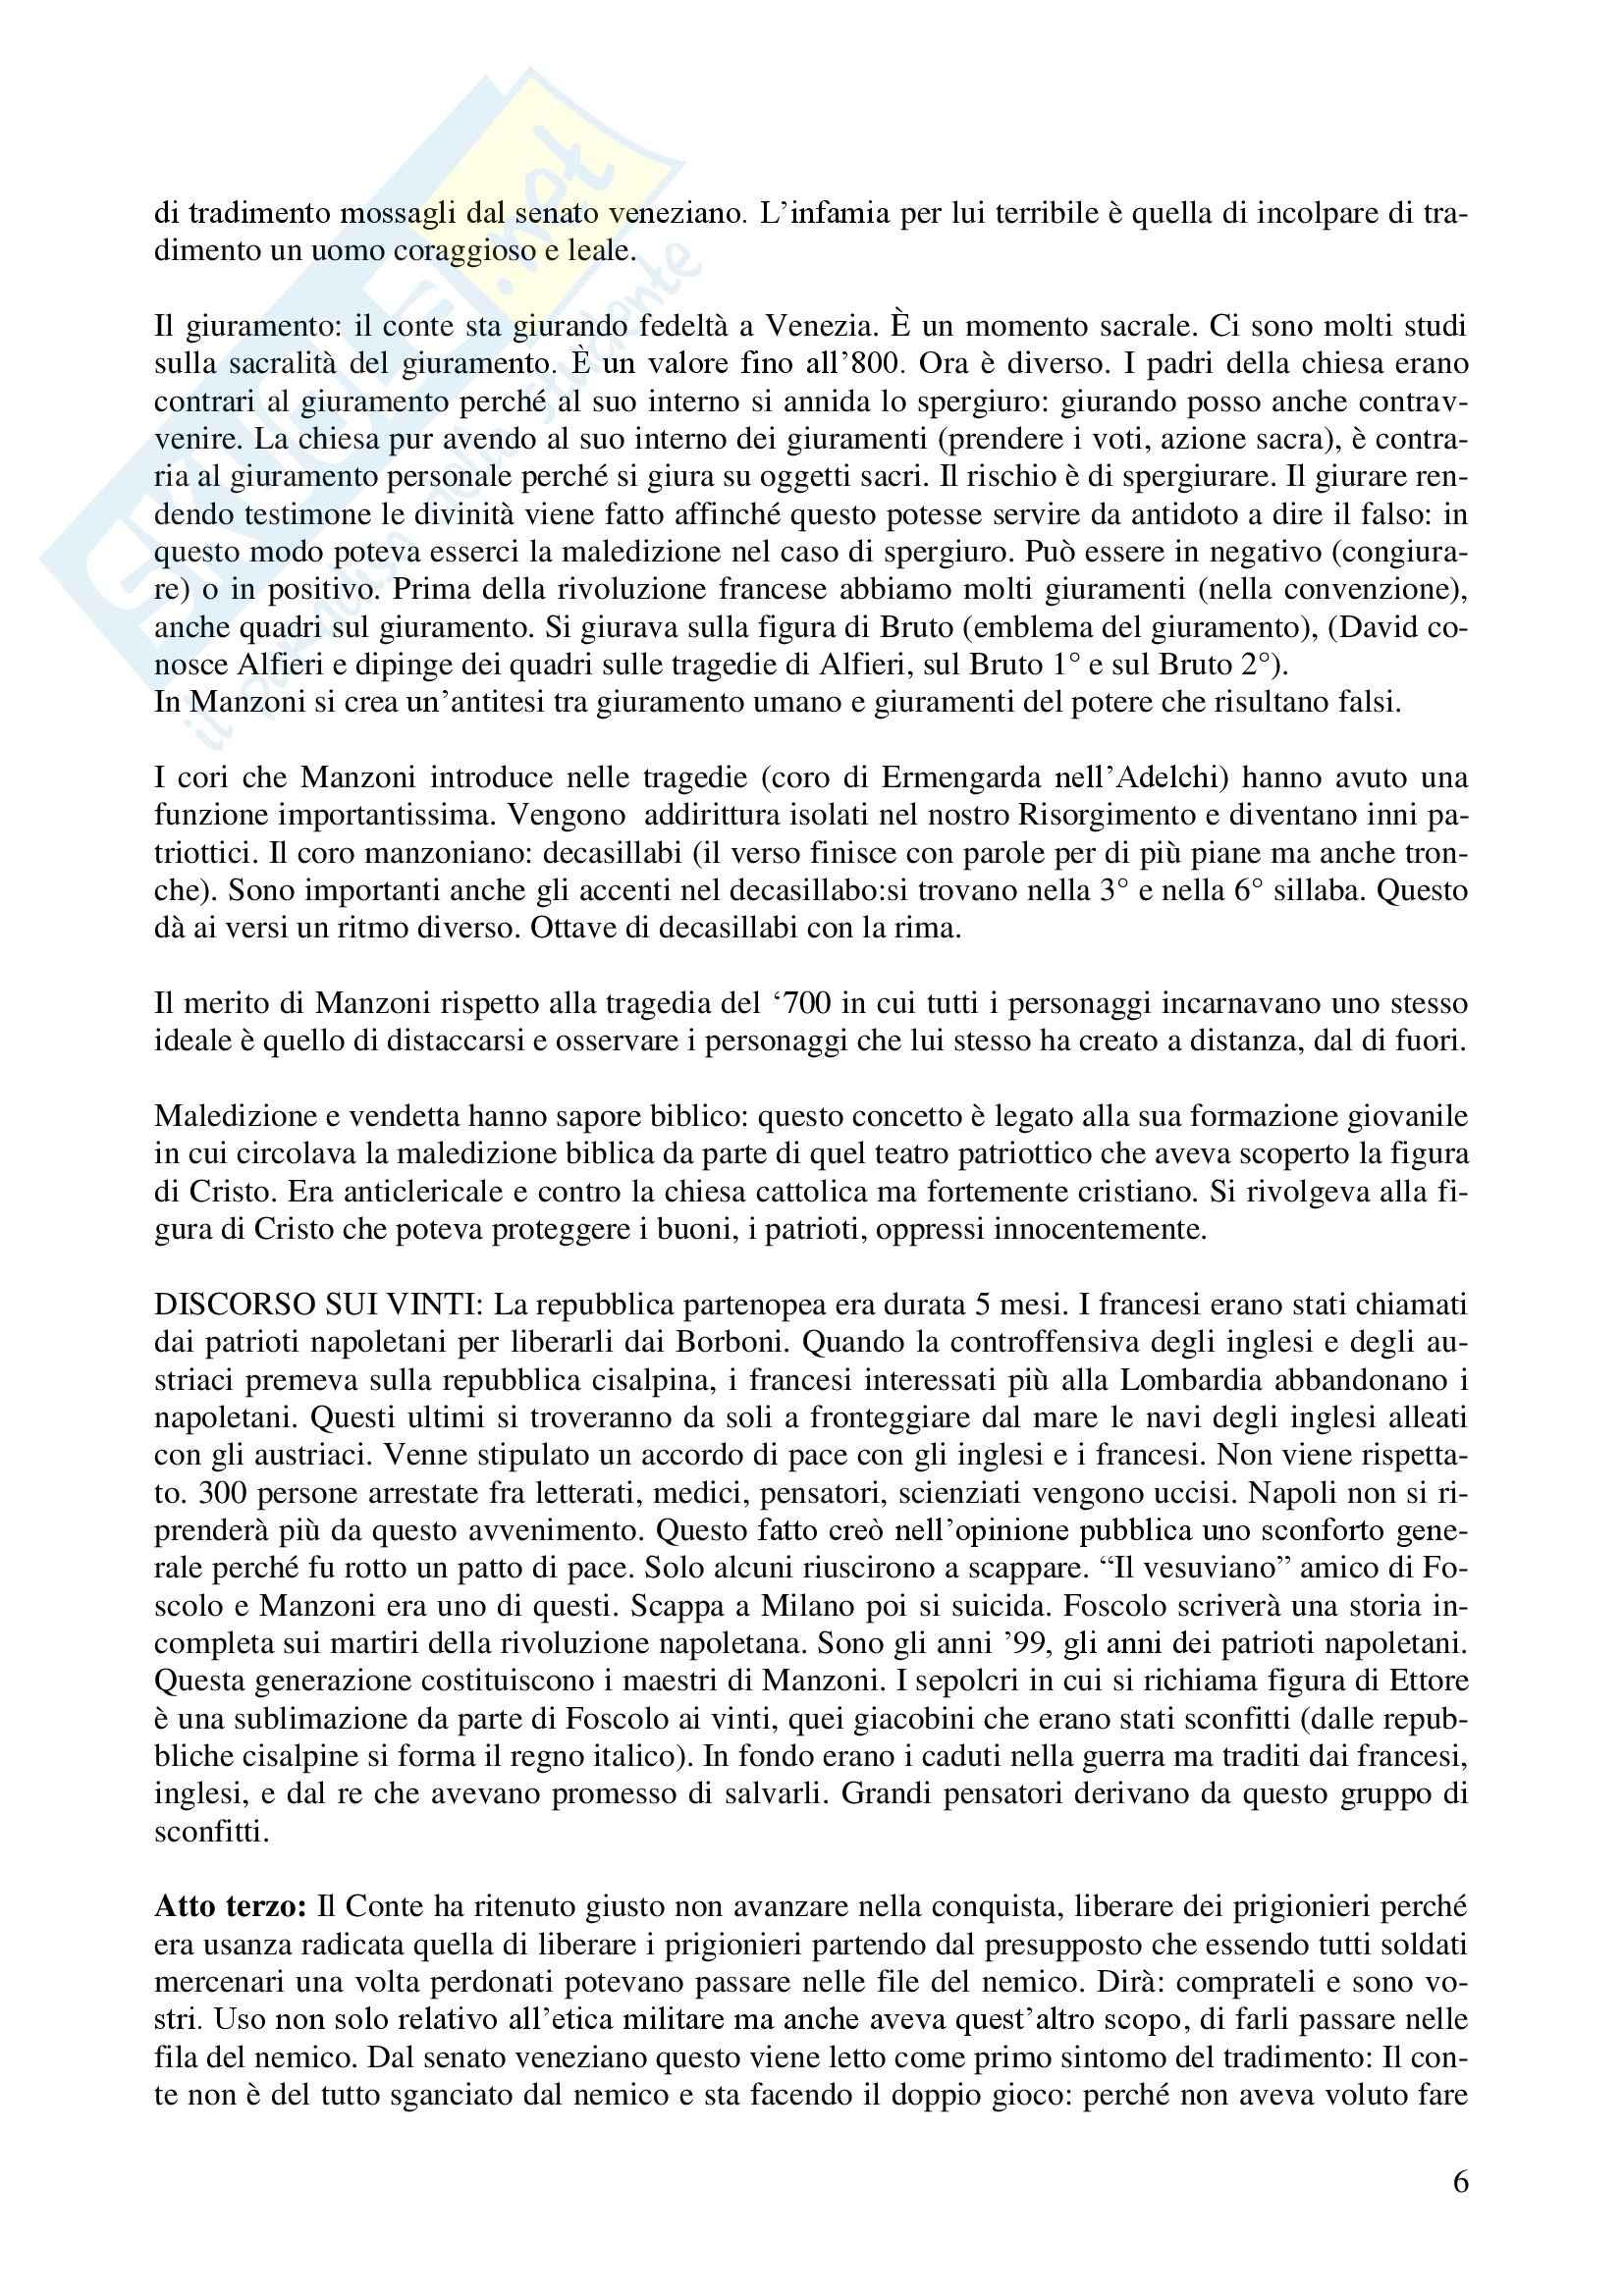 Letteratura teatrale italiana - Il conte di Carmagnola Pag. 6